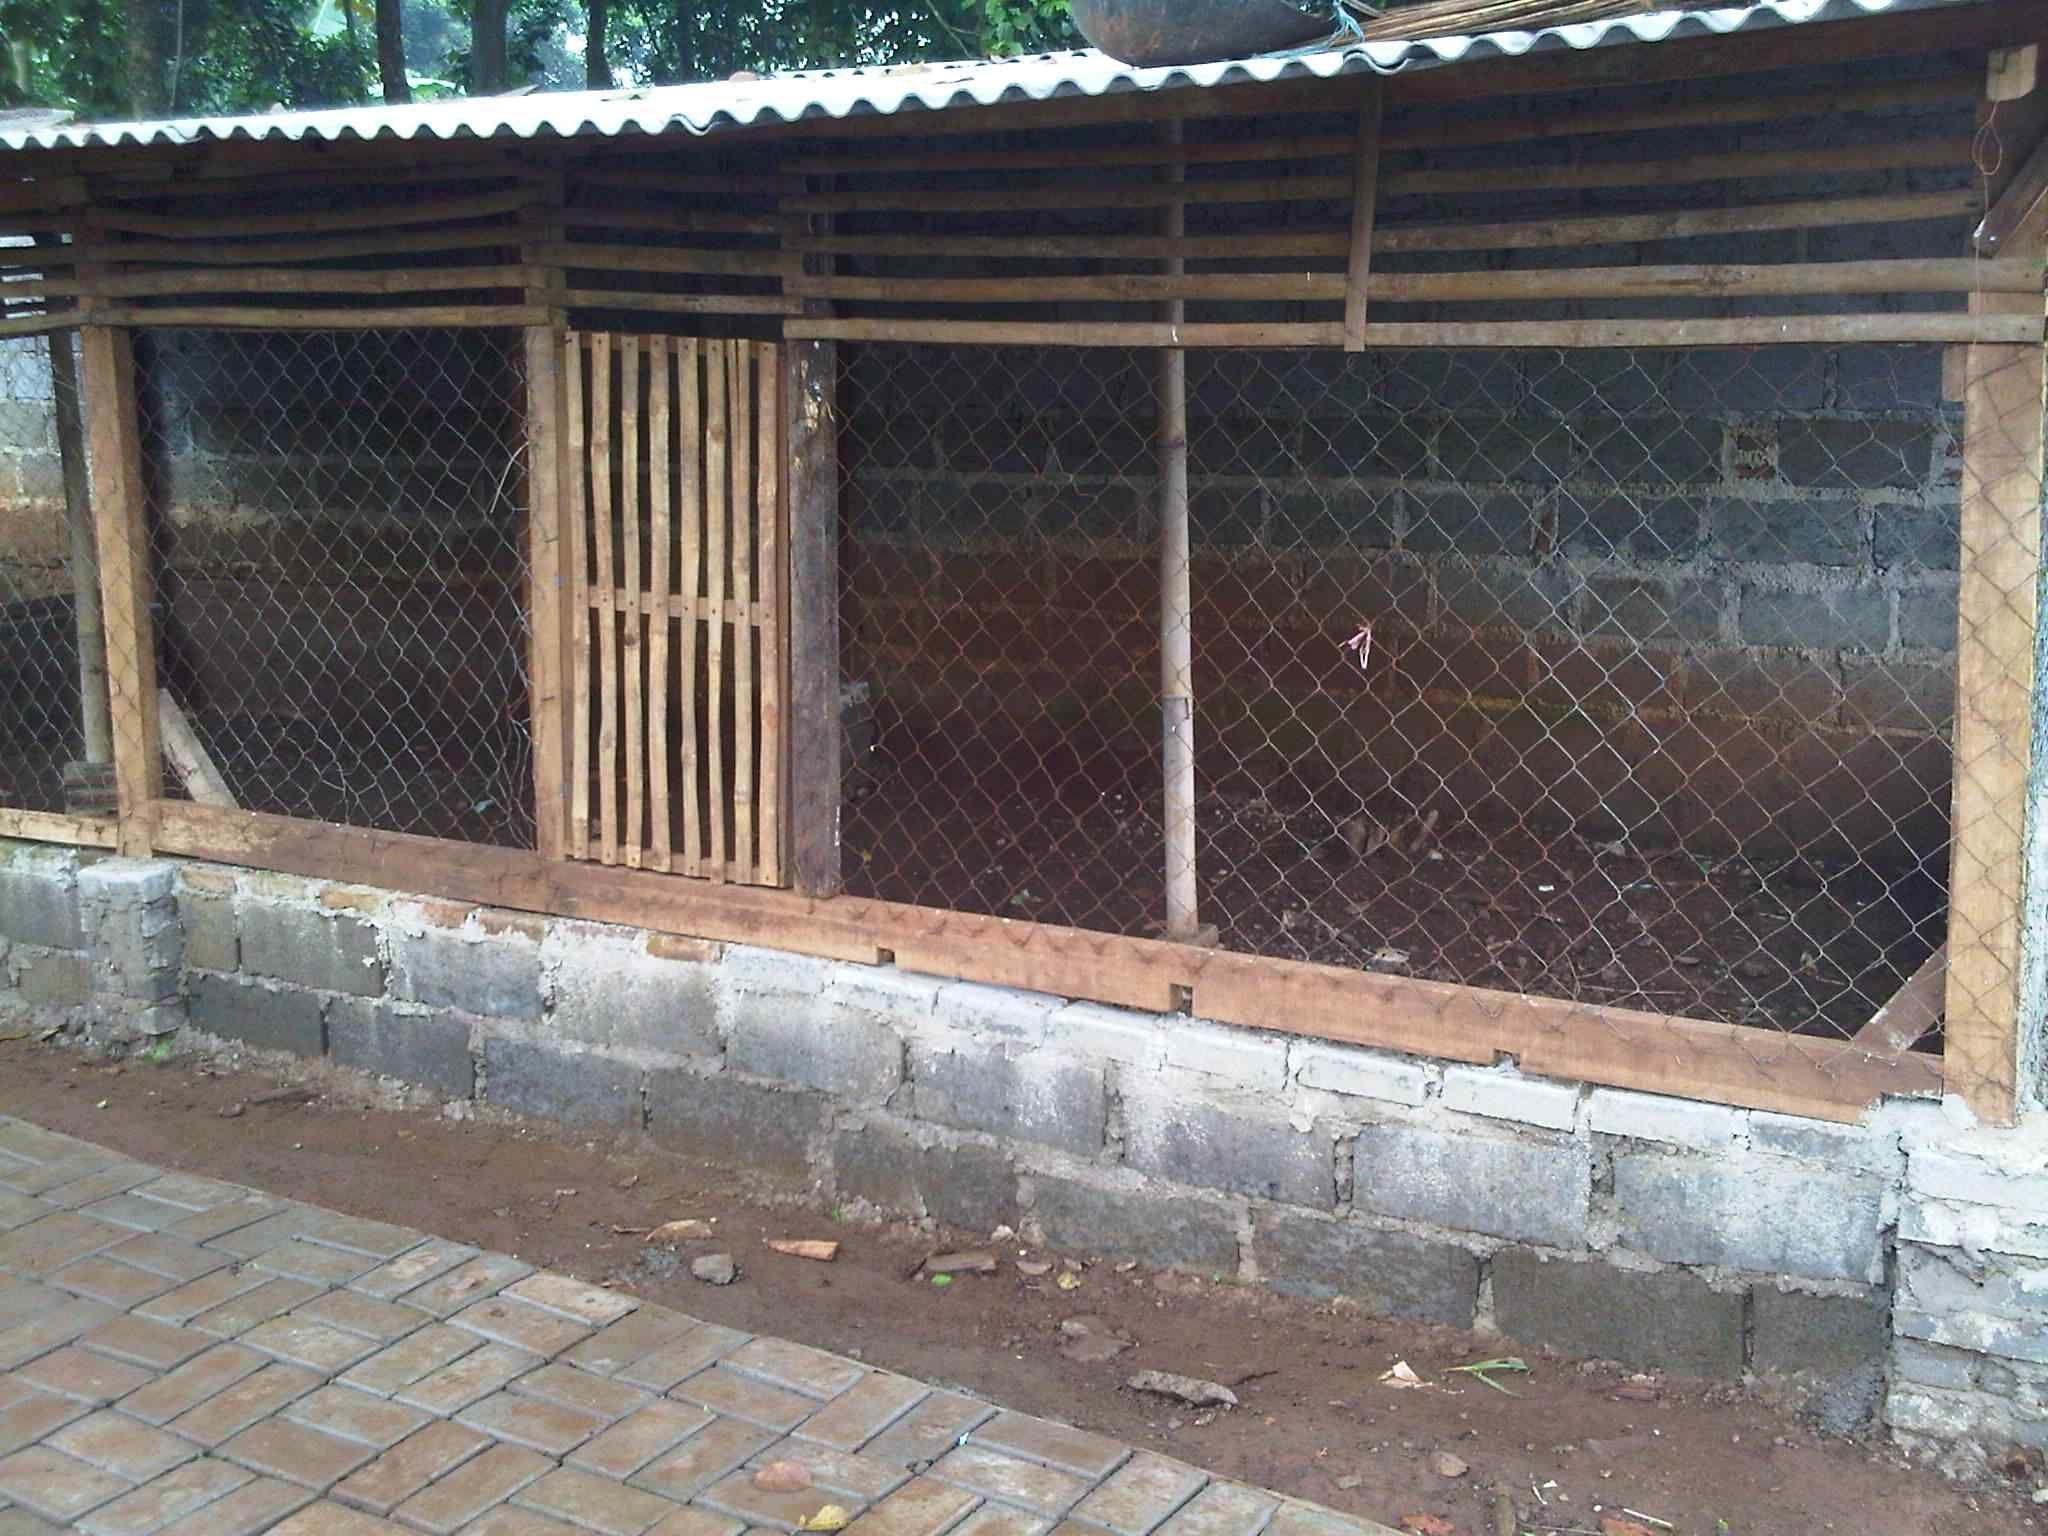 Desain Kandang Umbaran Kandang Ternak Ayam Bangkok - Kandang 1